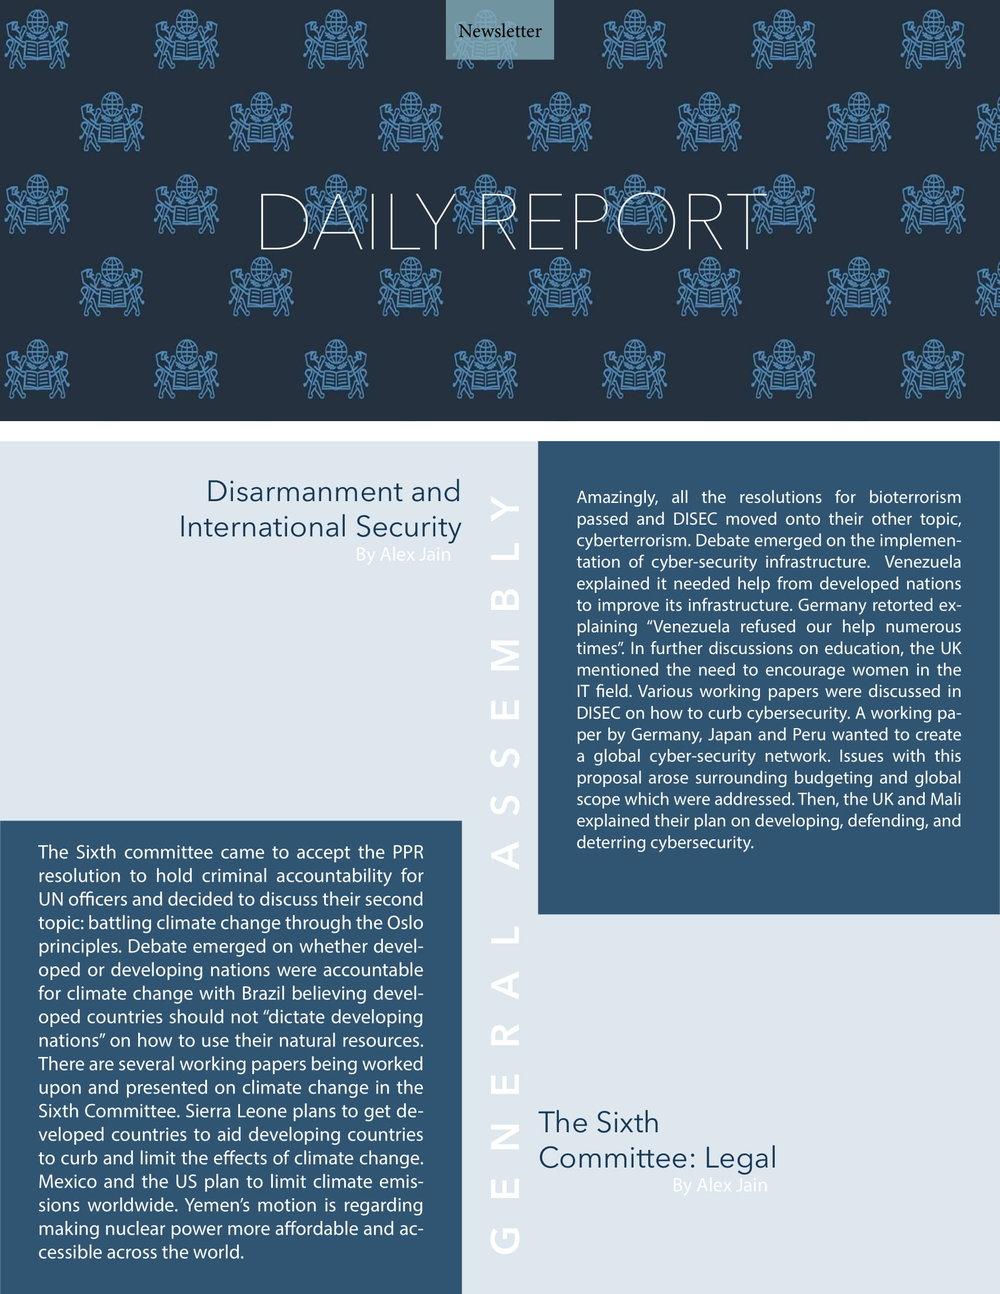 Newsletter 3-03.jpg